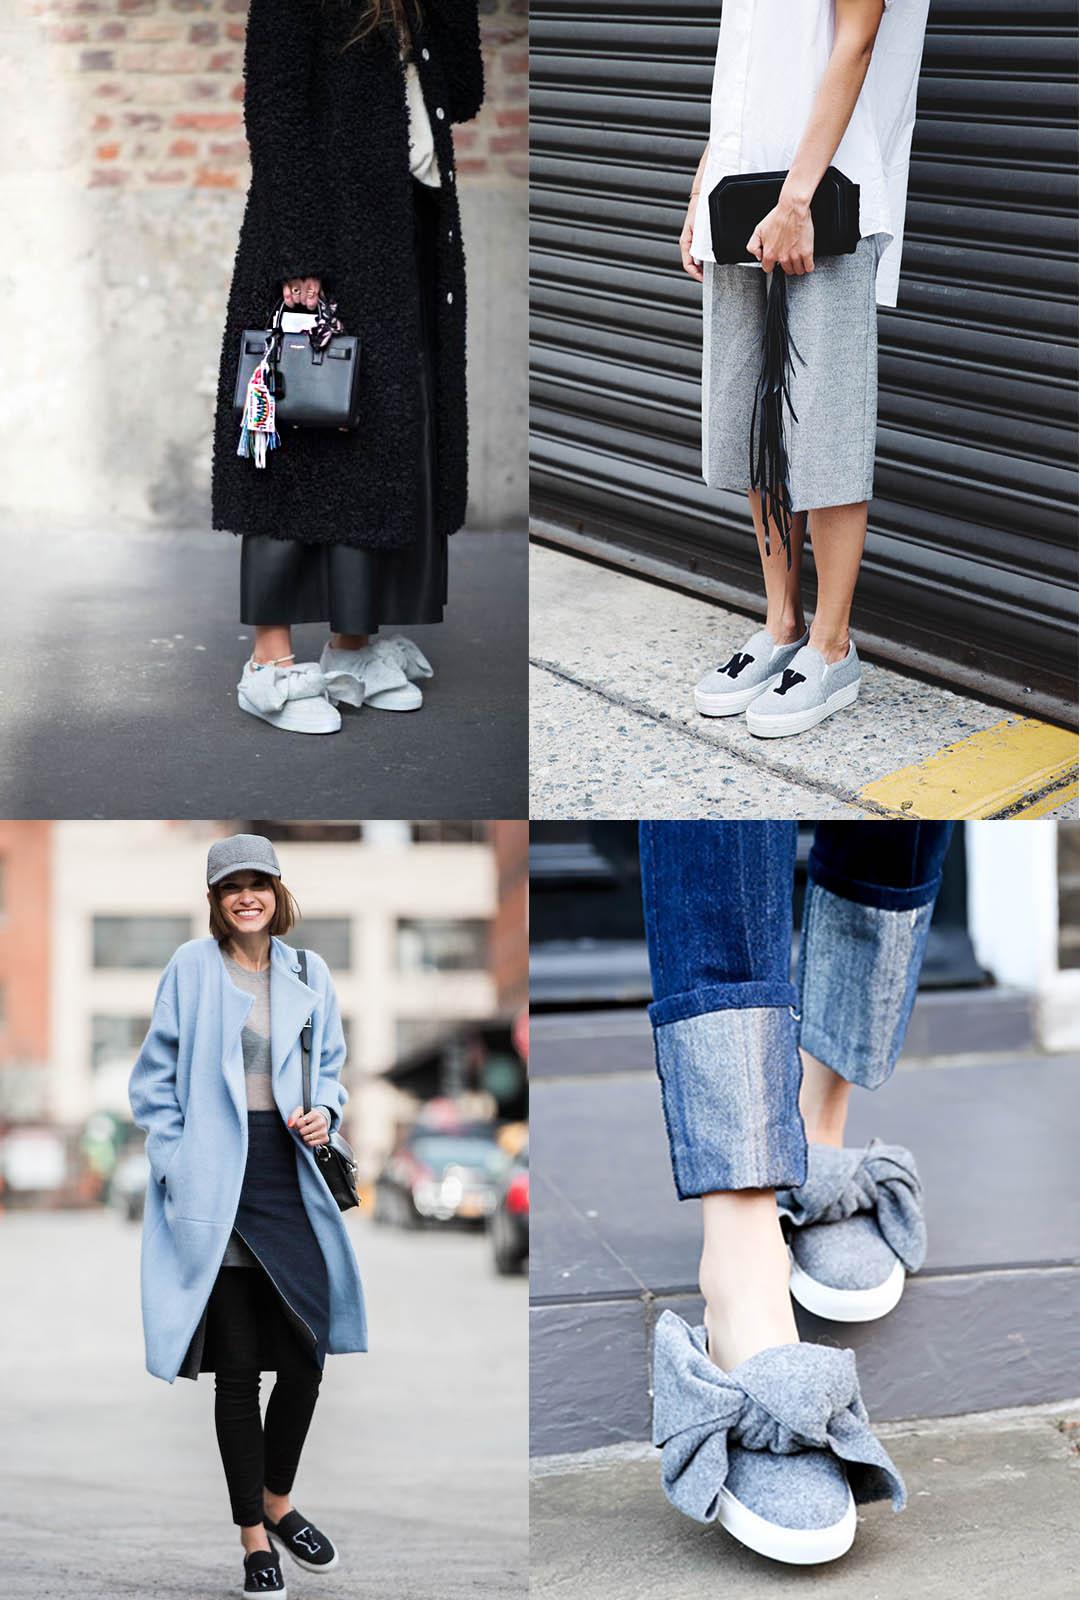 joshua-sanders-scarpe